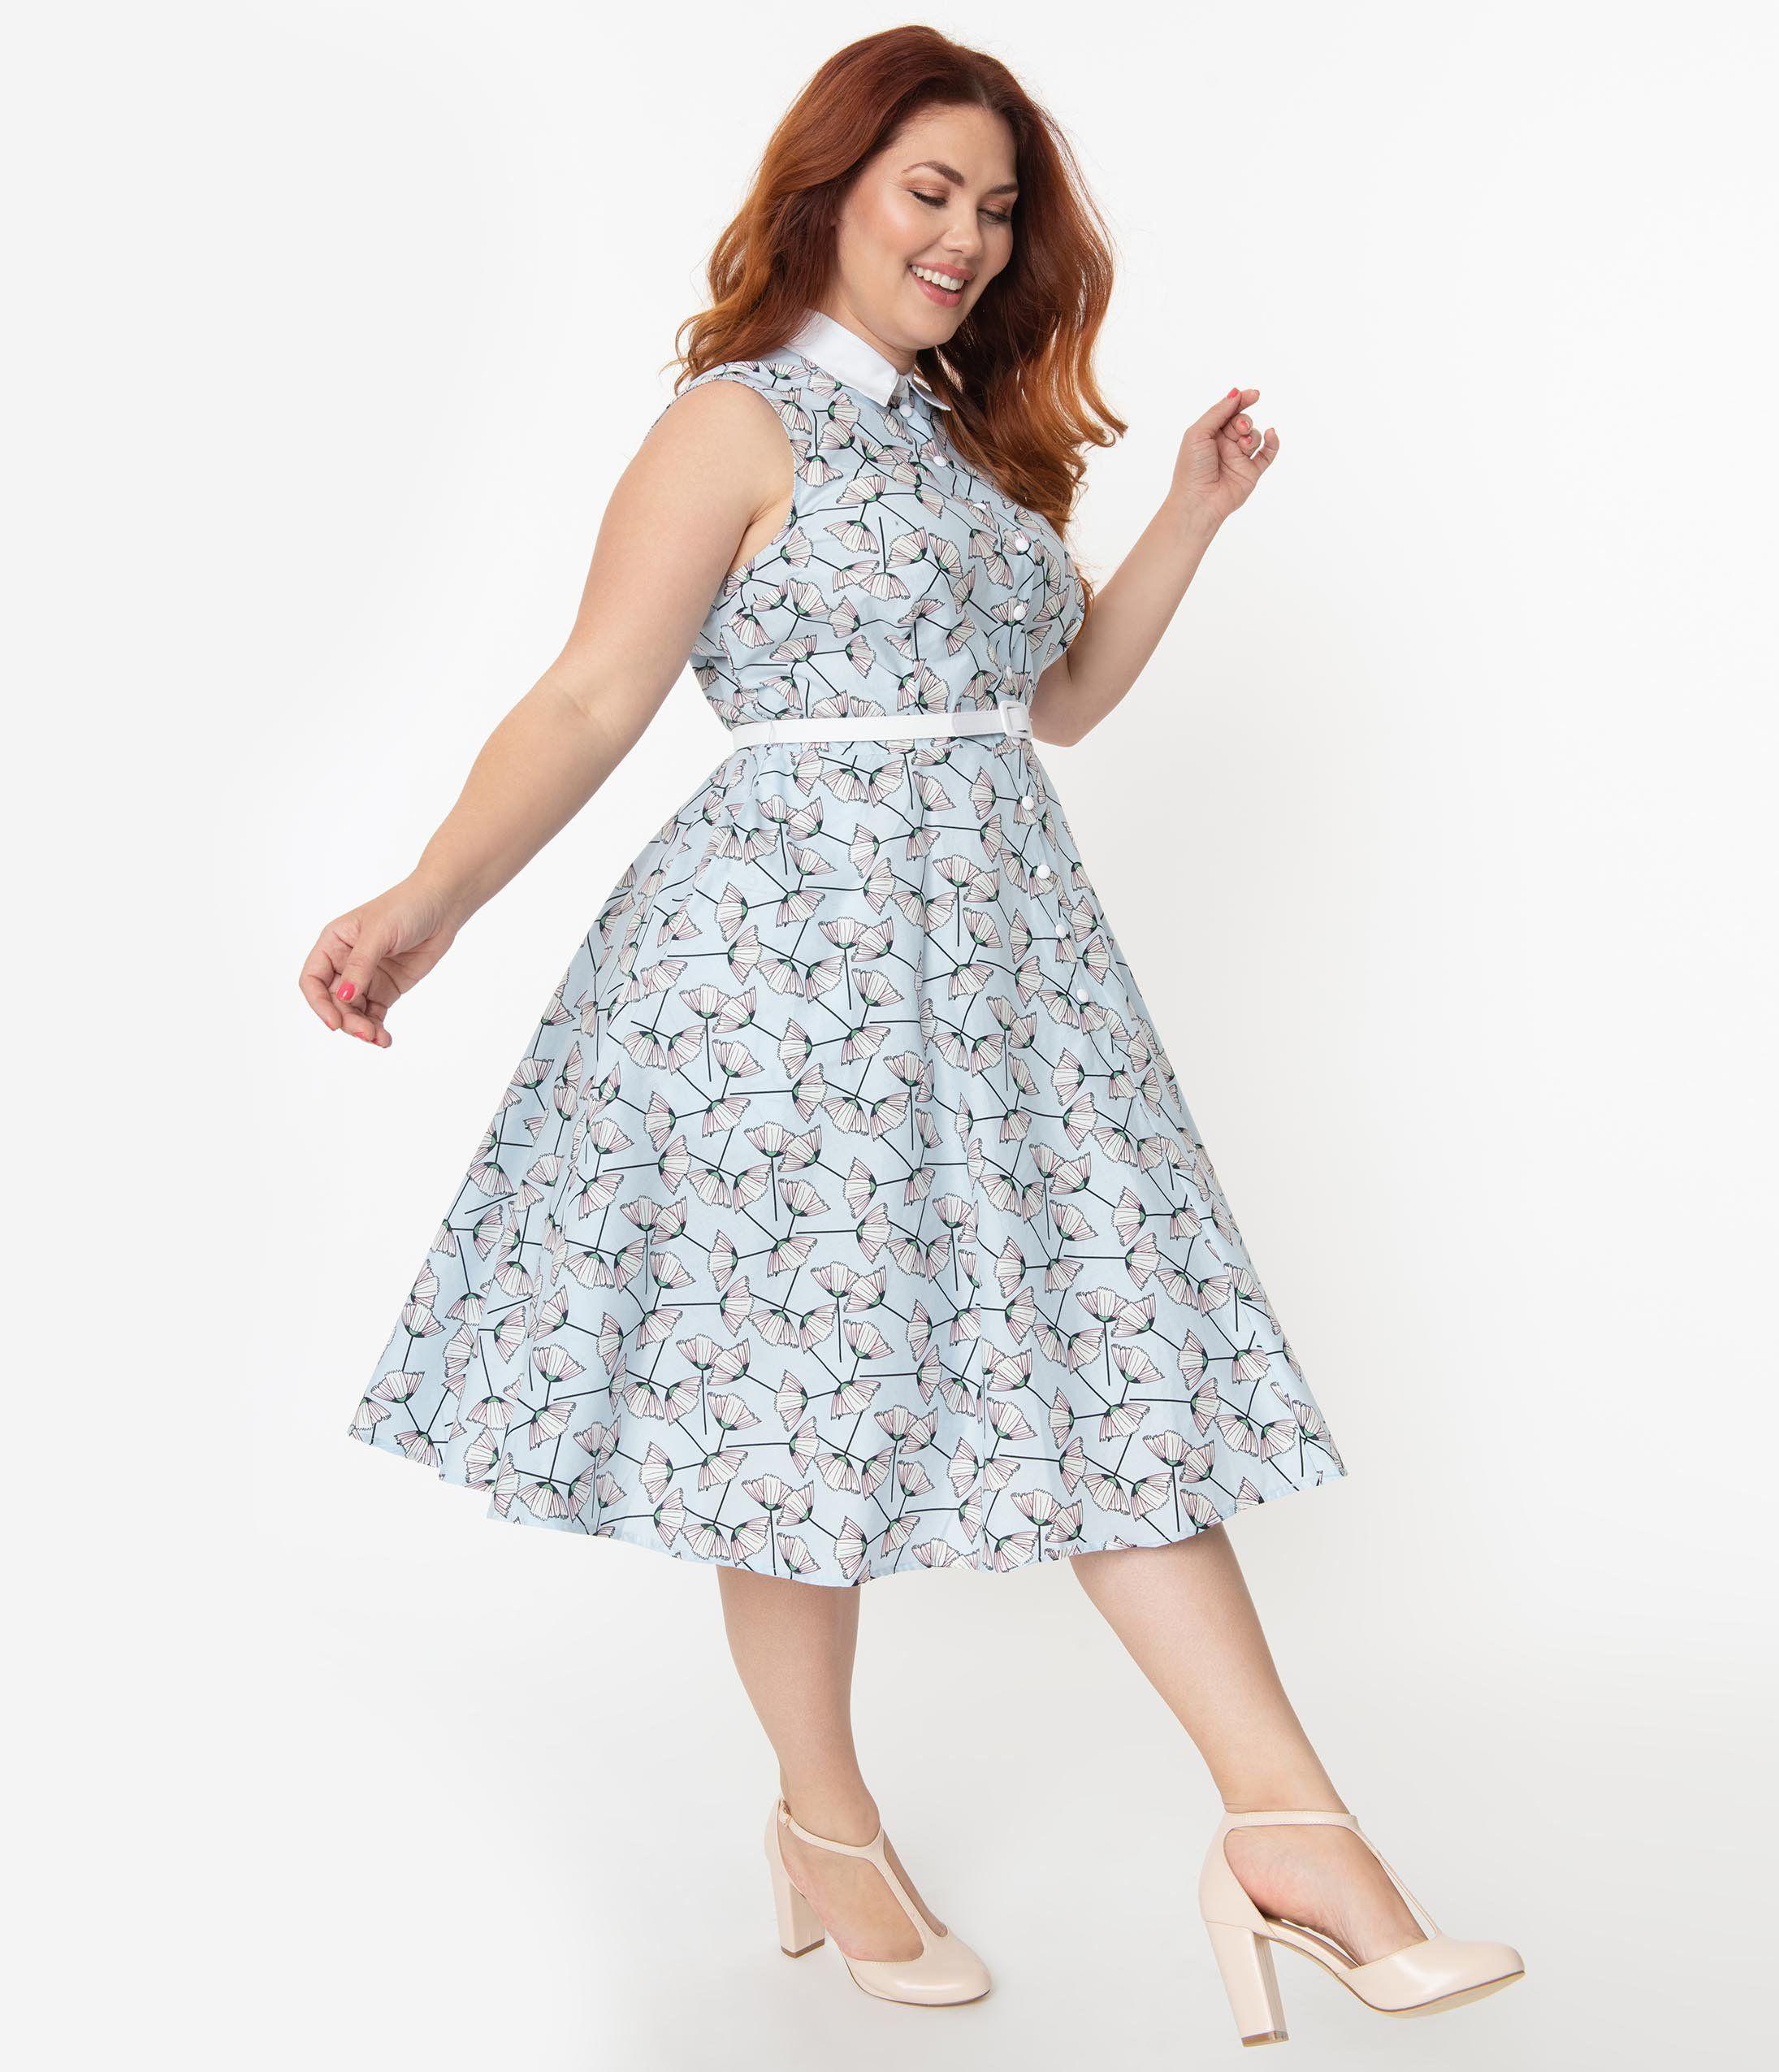 Vintage Style 1940s Plus Size Dresses Plus Size Dresses Plus Size Vintage Dresses Modest Dresses [ 2550 x 2190 Pixel ]